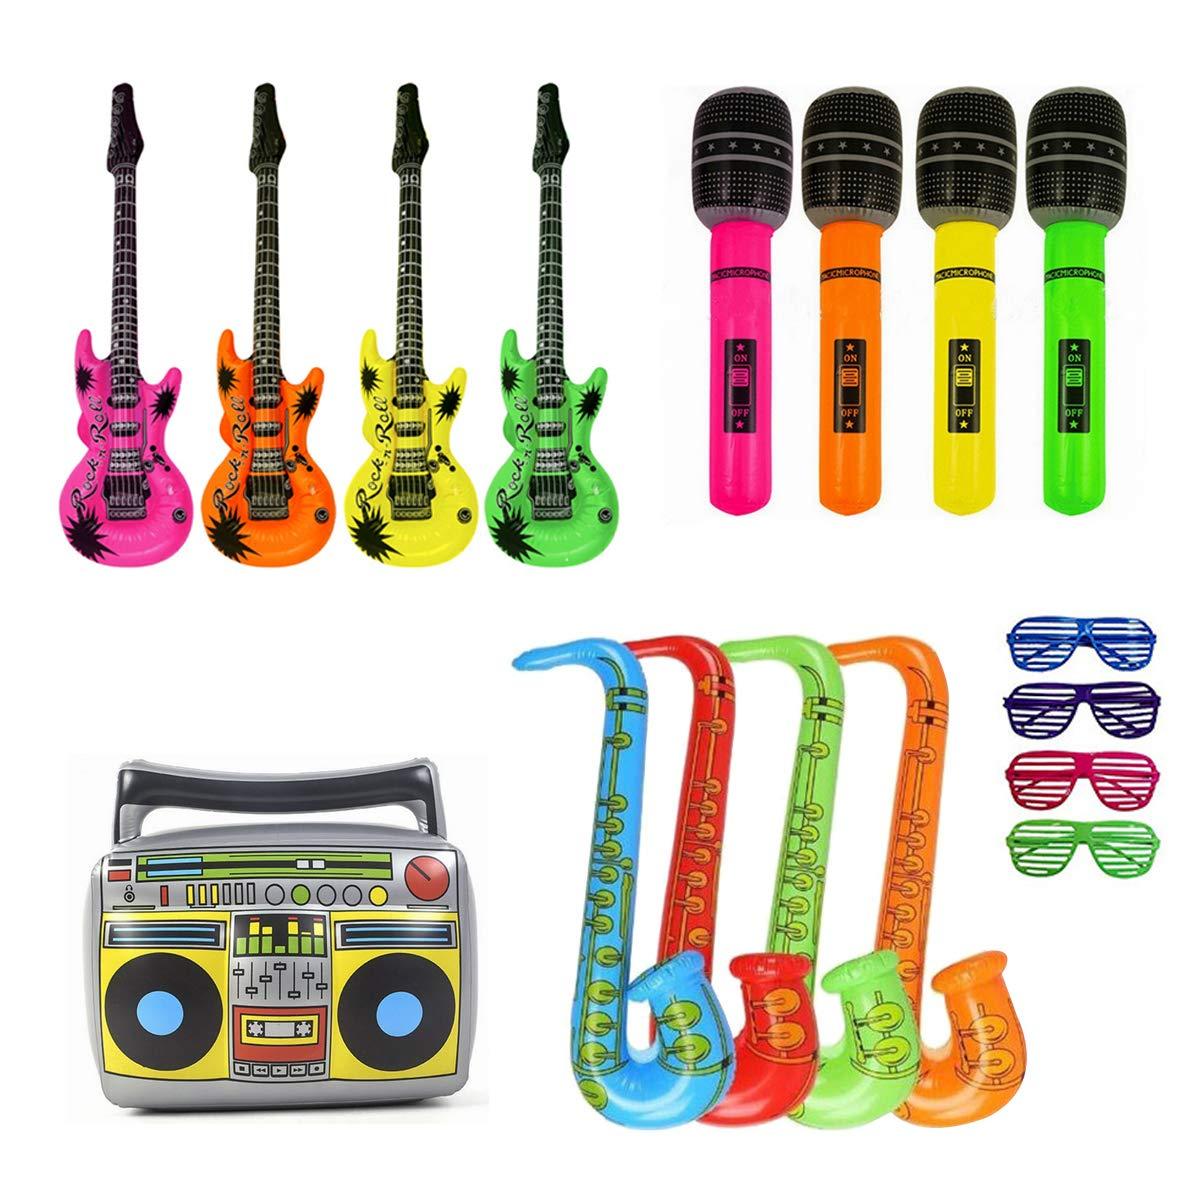 ANBET 17 UNIDS Globo de Instrumentos Musicales Inflables Rock Star Toy Set Kid Favores de Fiesta Suministros Accesorios M/úsica Decoraci/ón Accesorios